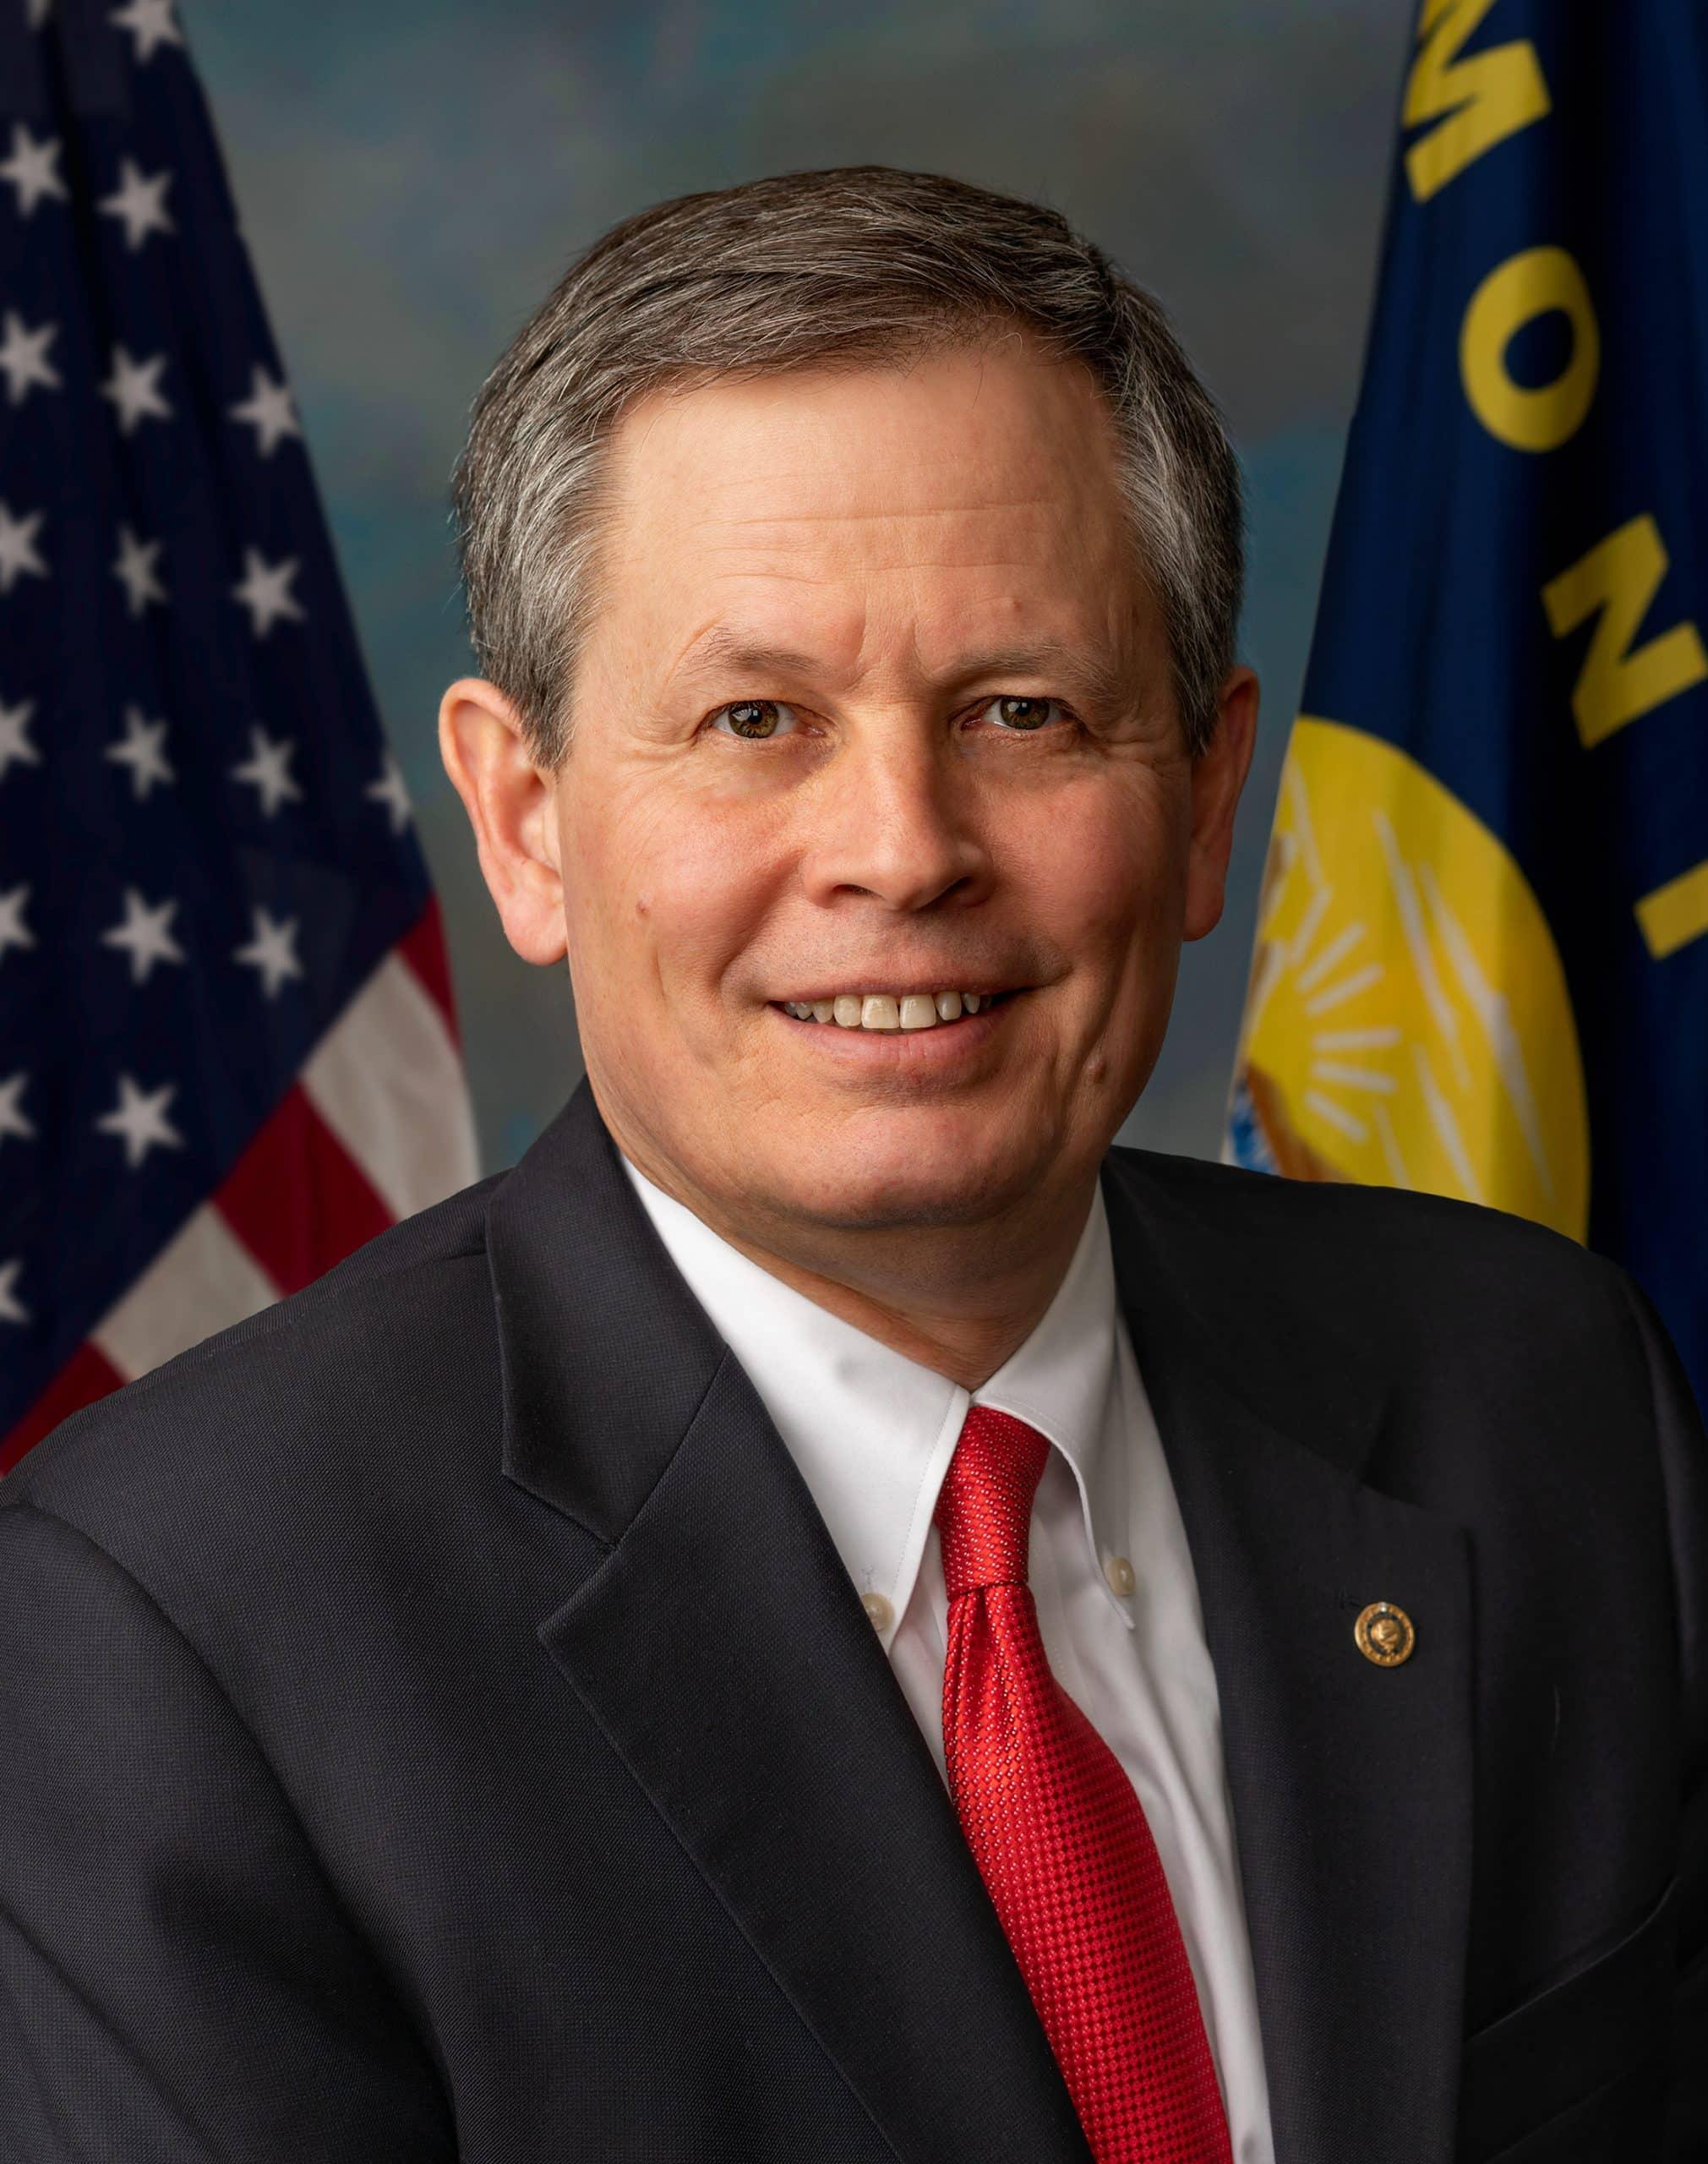 Steve Daines, Official Portrait, 116th Congress